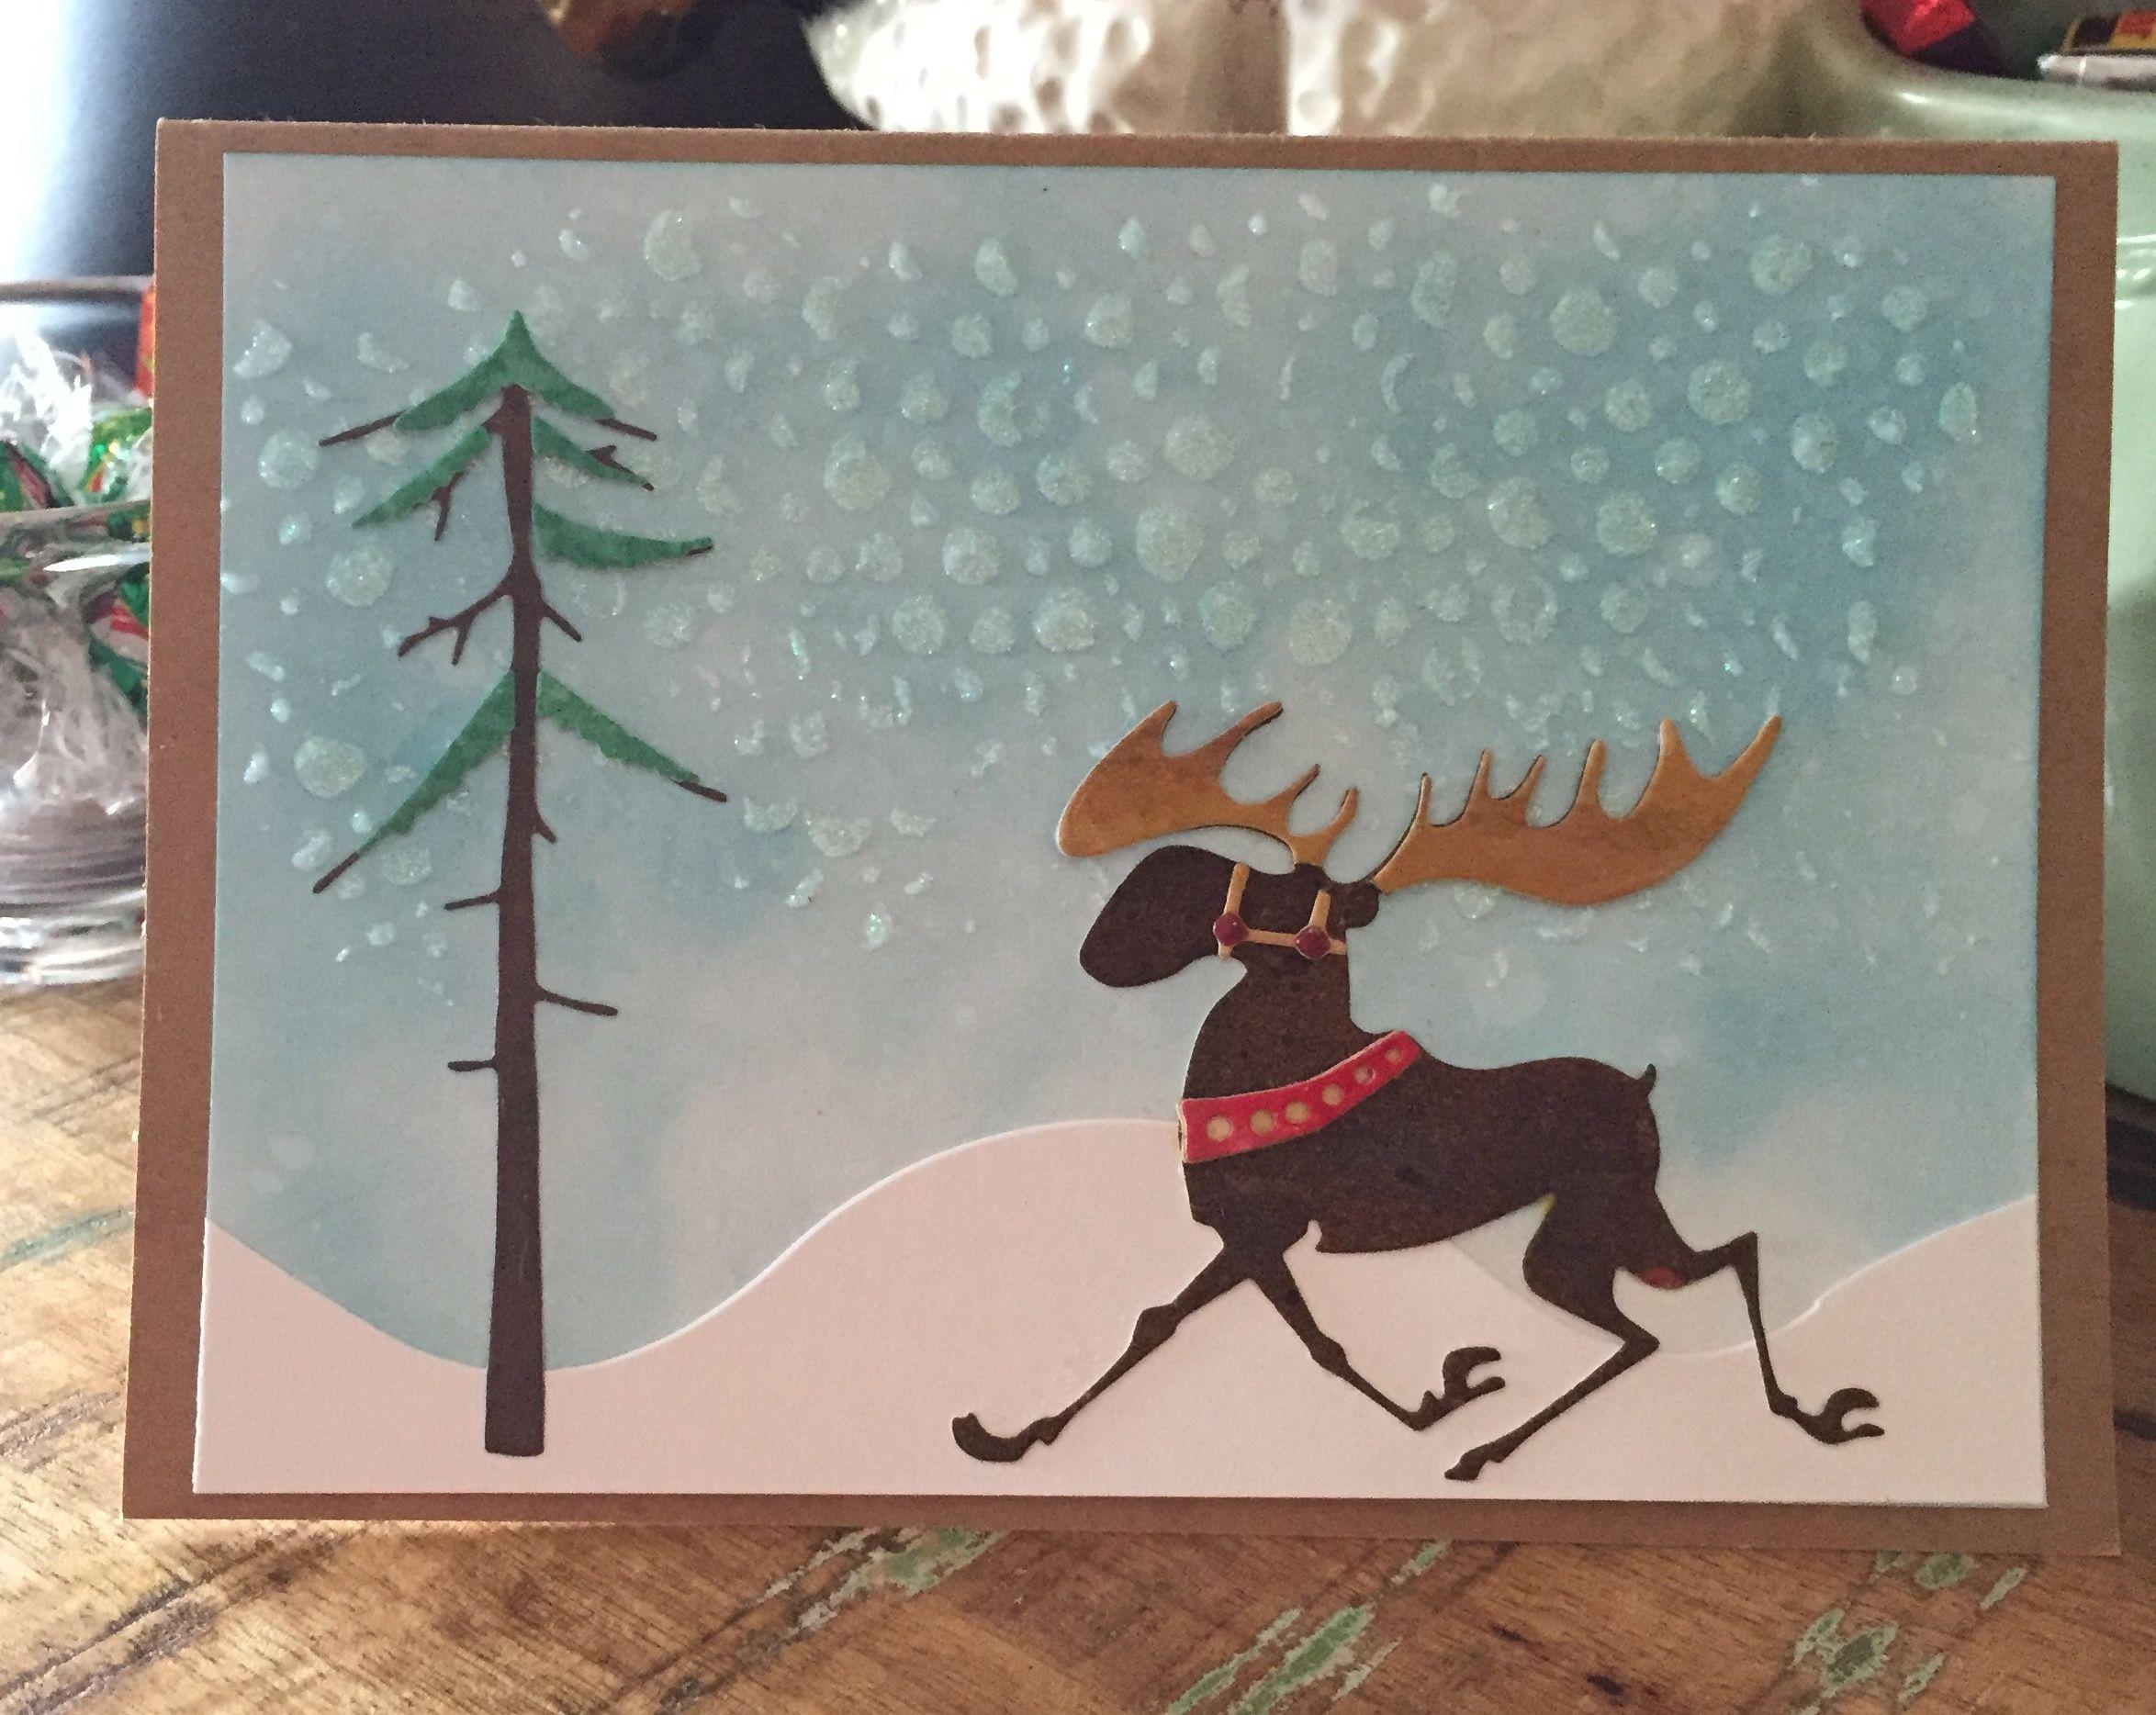 Merry Christmoose Holiday Card Christmas Moose Greeting Card Christmas Card